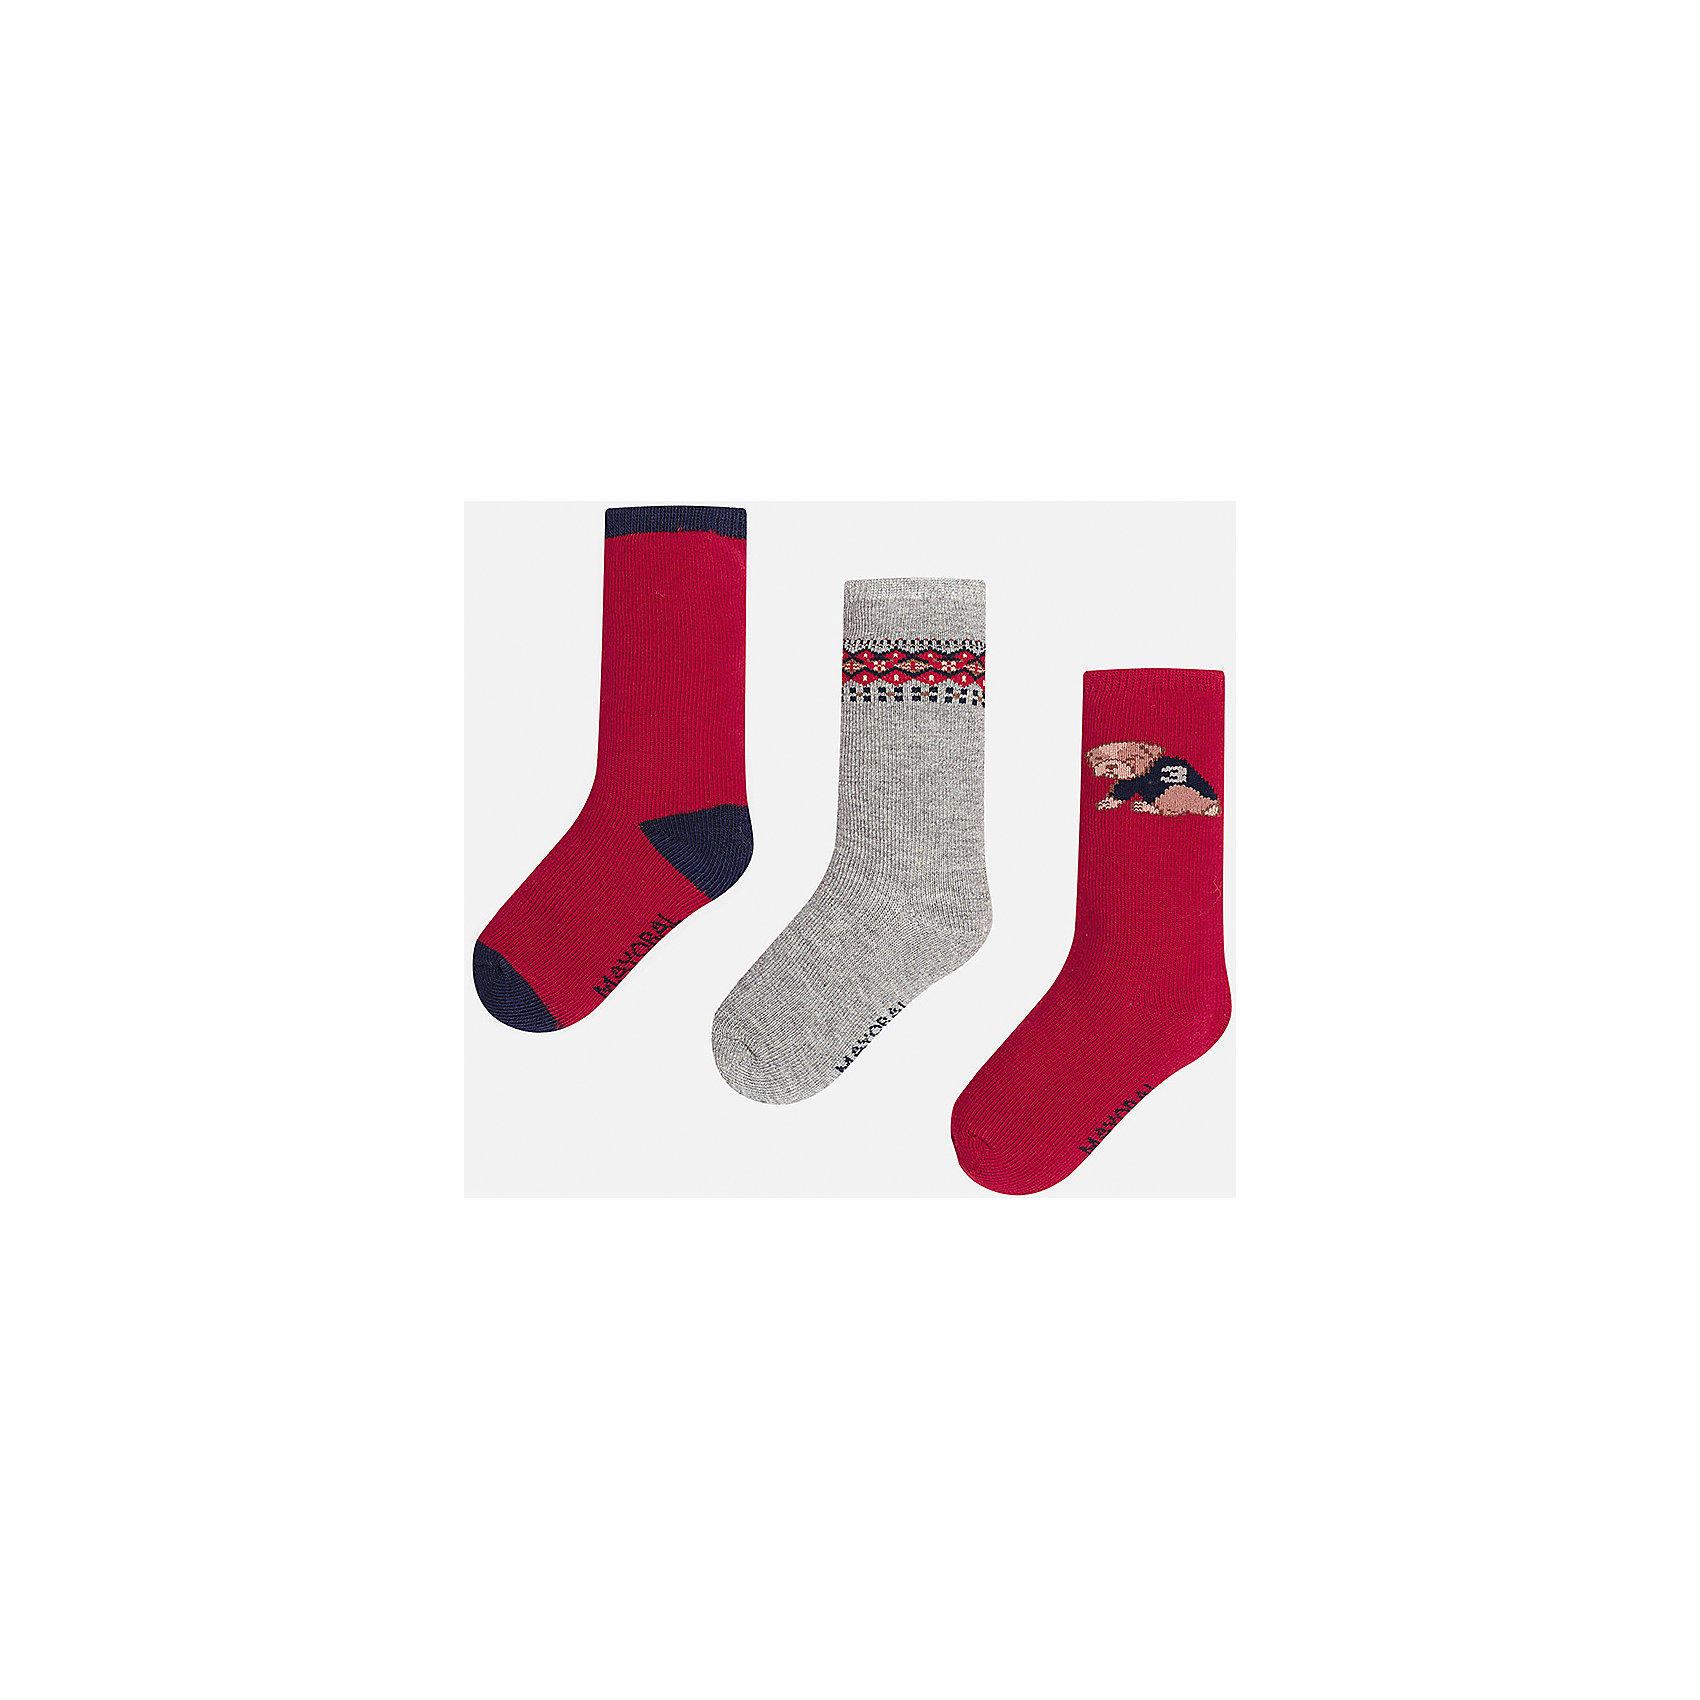 Комплект:3 пары носков для мальчика MayoralНабор из 3 пар носков для мальчиков от известного испанского бренда Mayoral. В комплекте носки разной расцветки: красный с темно-синими пяткой, носком и резинкой, серый с красно-синим узором сверху, красный с рисунком собачка. Носки сделаны из специальных дышащих материалов, чтобы ноги ребенка не потели.<br>Дополнительная информация:<br>-разная расцветка<br>-состав: 77% хлопок, 20% полиамид, 3% эластан<br>Комплект носков Mayoral можно приобрести в нашем интернет-магазине.<br><br>Ширина мм: 87<br>Глубина мм: 10<br>Высота мм: 105<br>Вес г: 115<br>Цвет: бордовый<br>Возраст от месяцев: 9<br>Возраст до месяцев: 12<br>Пол: Мужской<br>Возраст: Детский<br>Размер: 1,2<br>SKU: 4820032